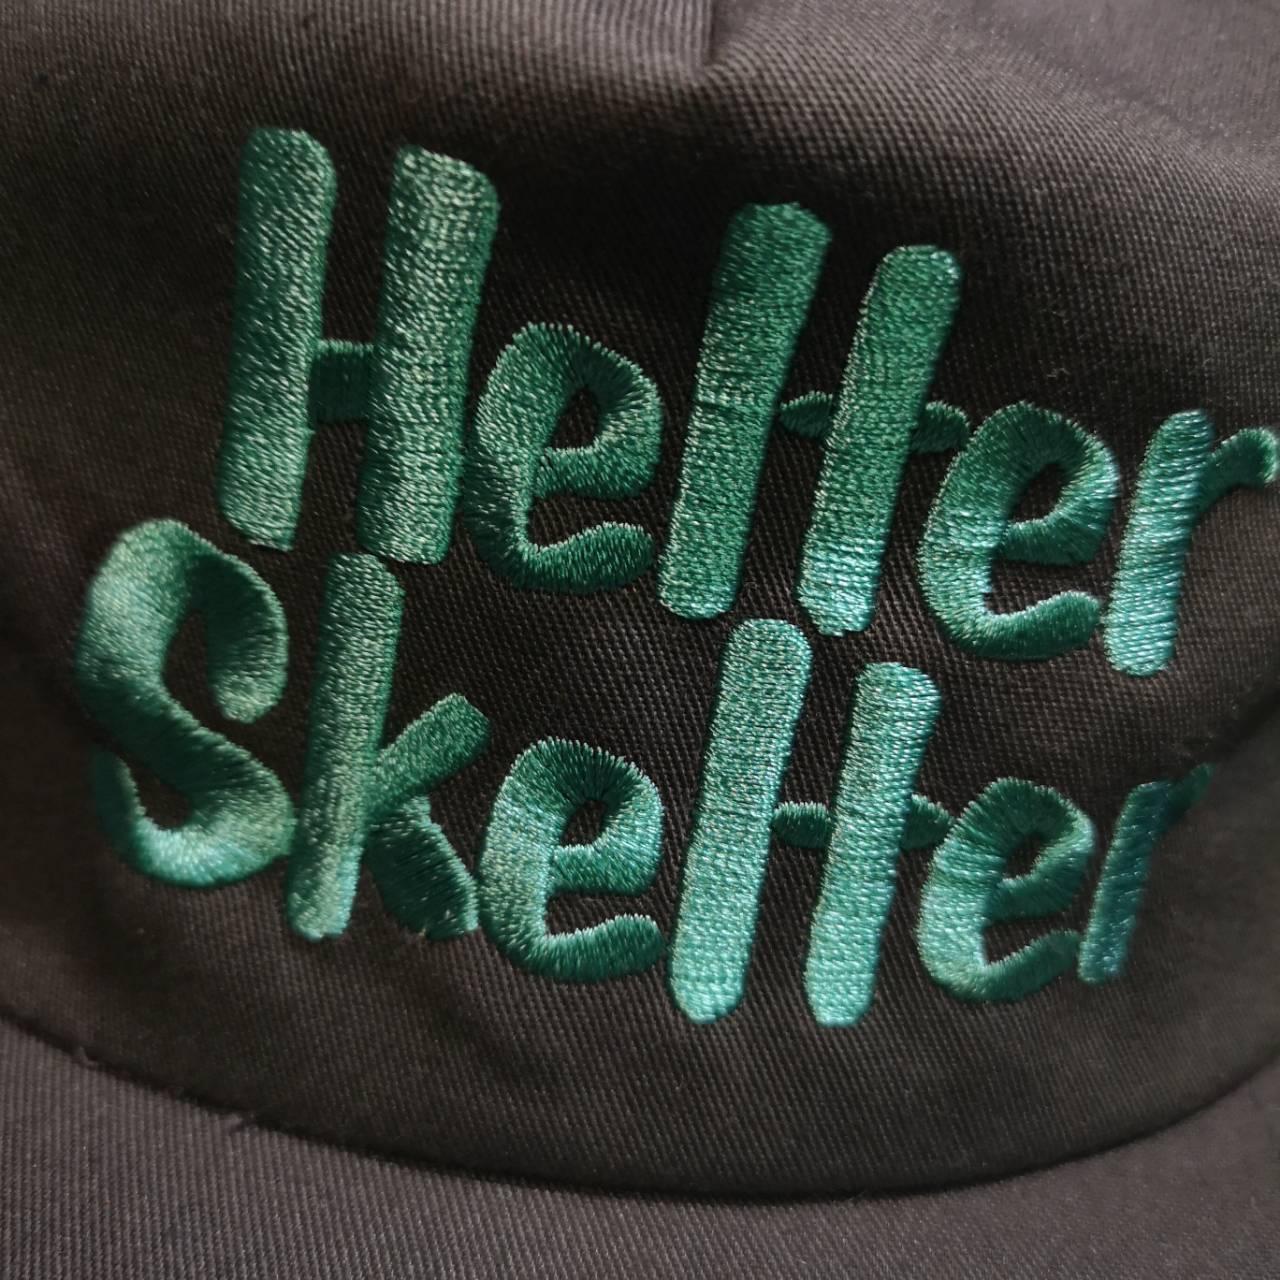       HELTER SKELTER SNAPBACK CAP BLK, GRY